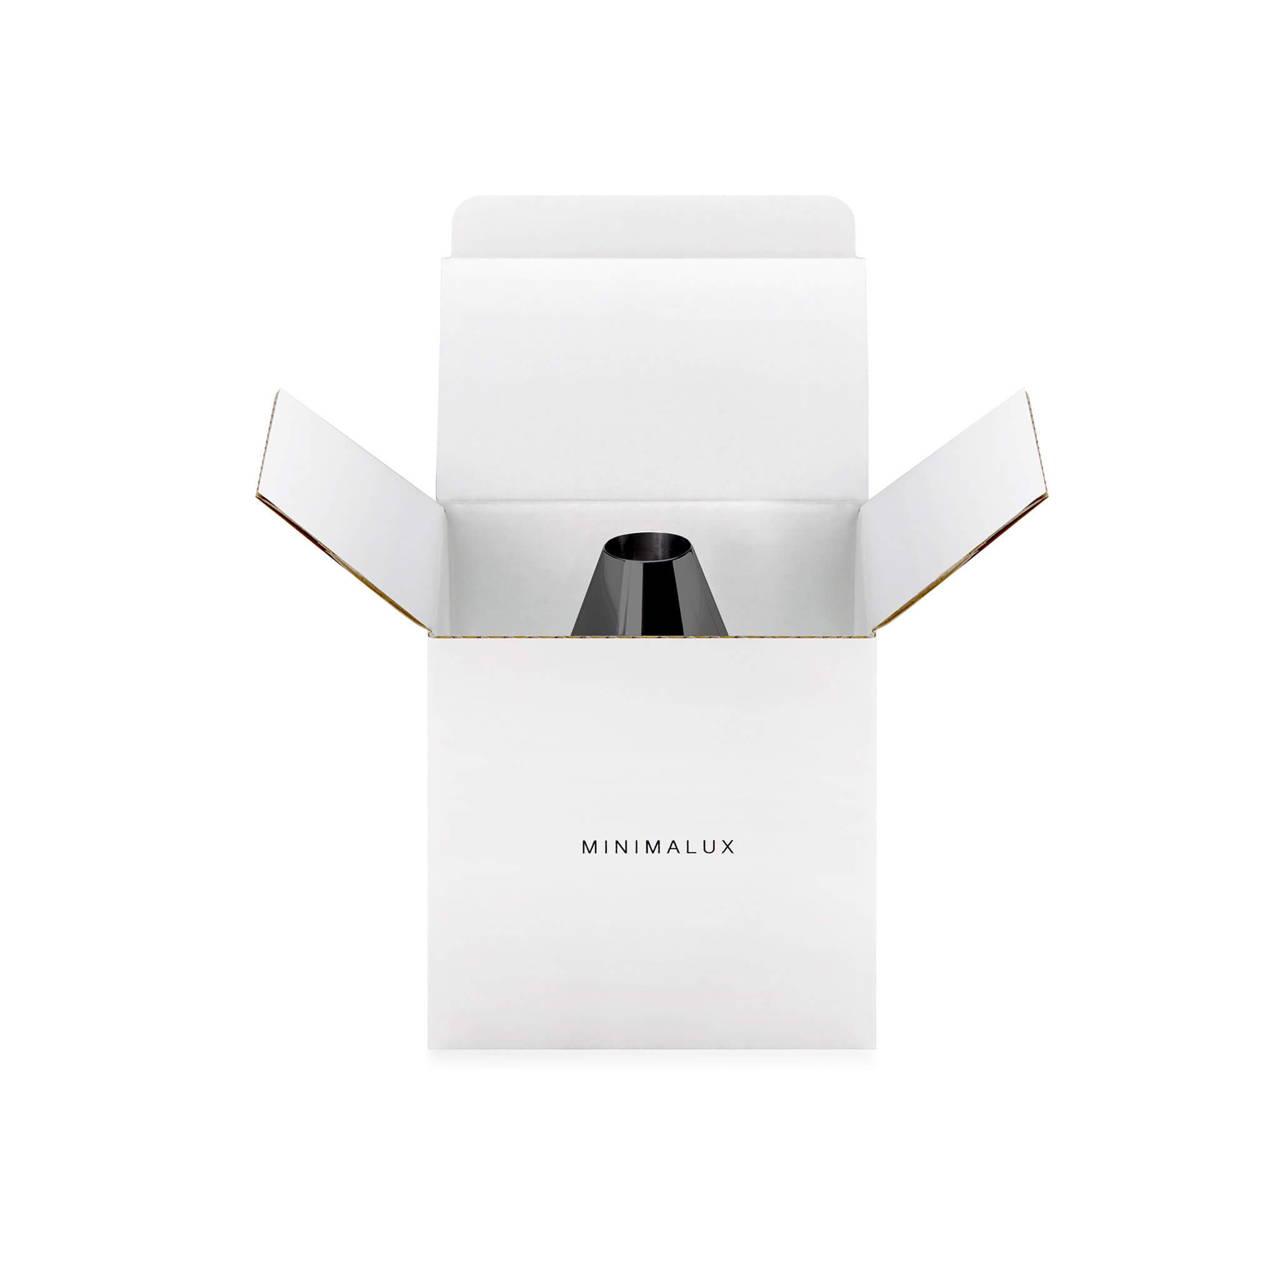 A Candleholder packaging